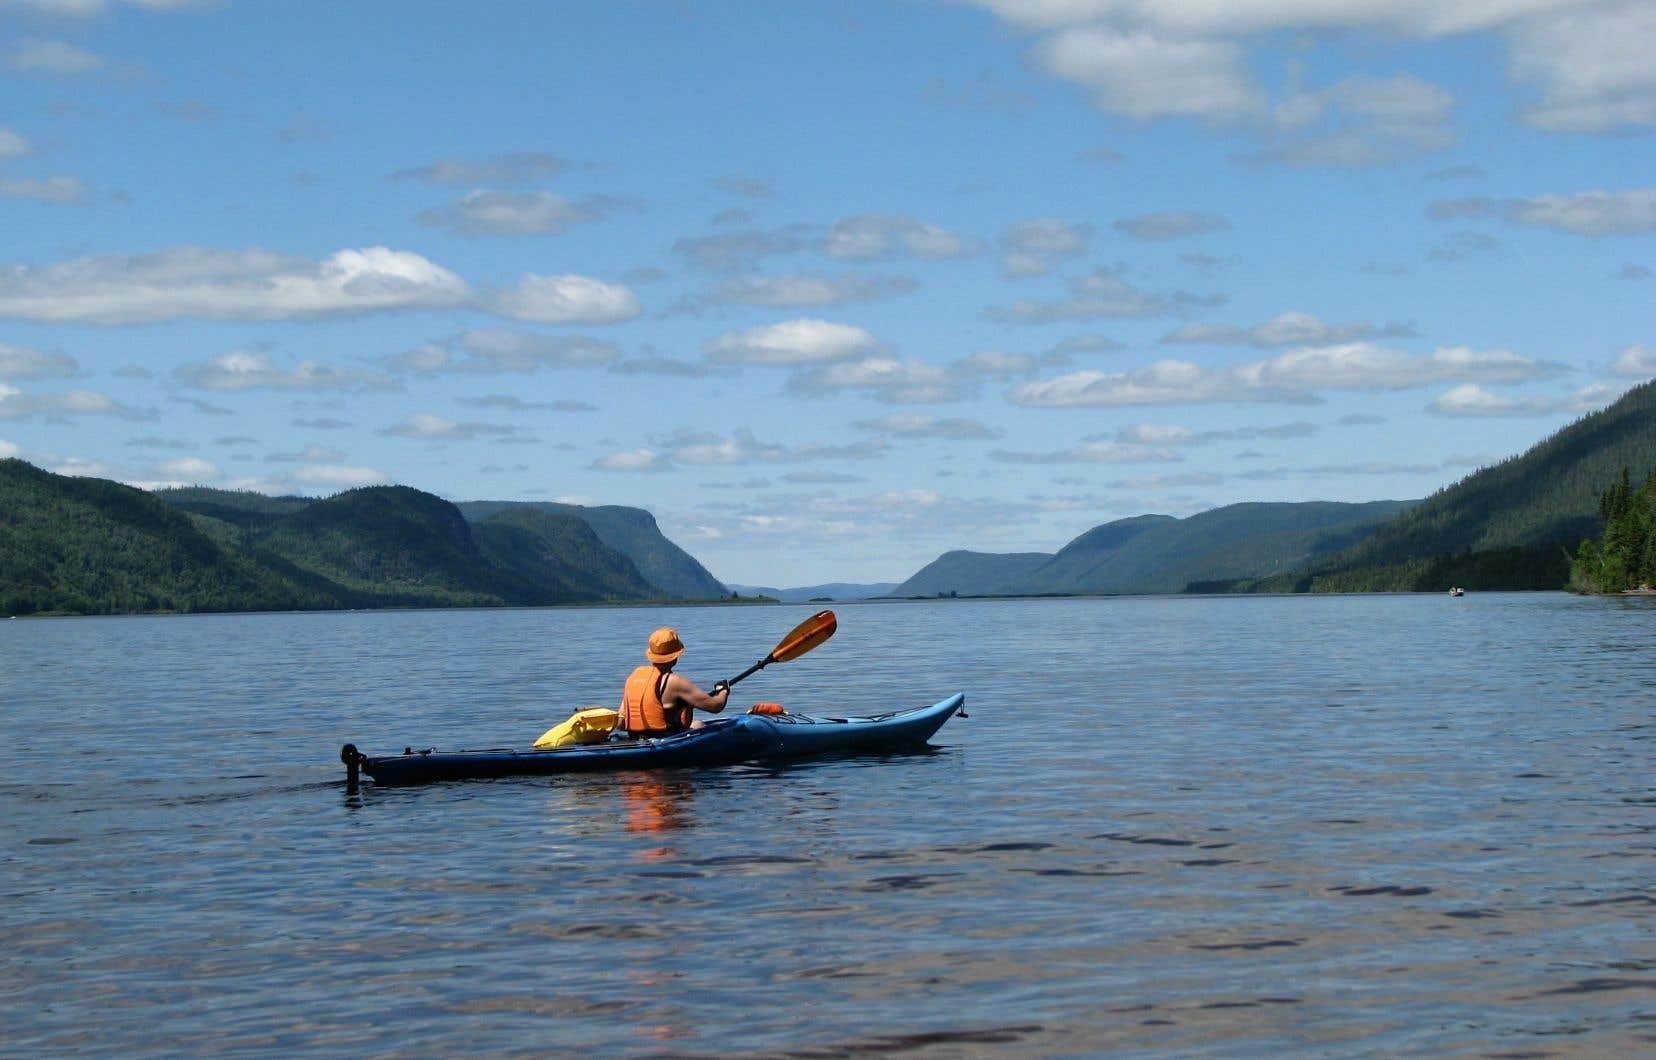 Dans le cadre d'une consultation régionale menée l'an dernier, l'organisme Tourisme Alma Lac-Saint-Jean avait expliqué que «la rivière Péribonka et sa vallée représentent un des plus beaux potentiels de développement de produits récréotouristiques» de la région.